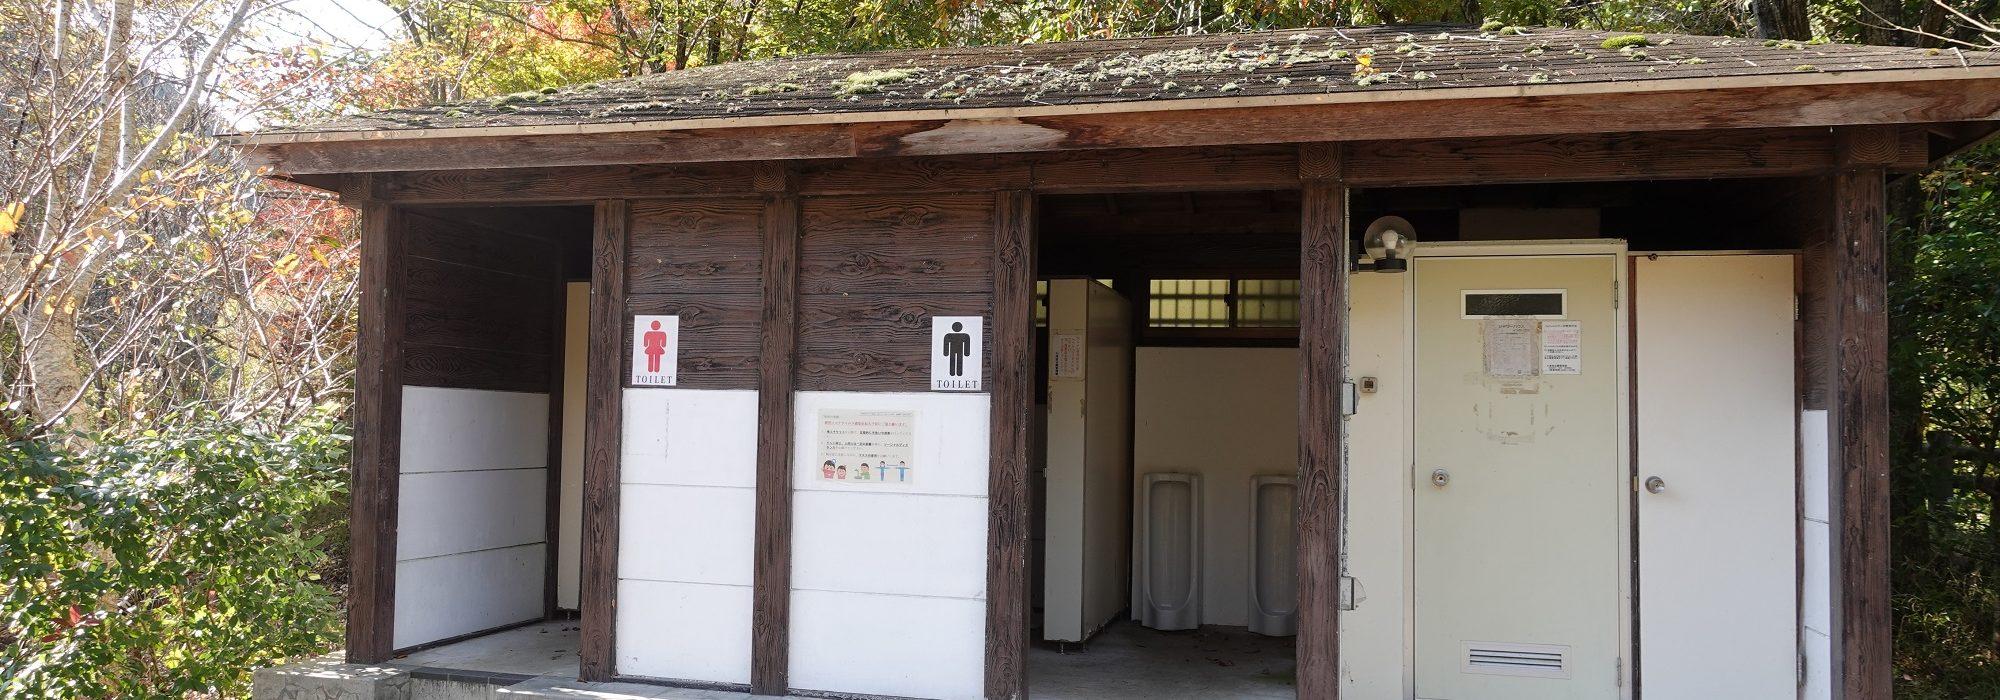 トイレは汲取り式の和式